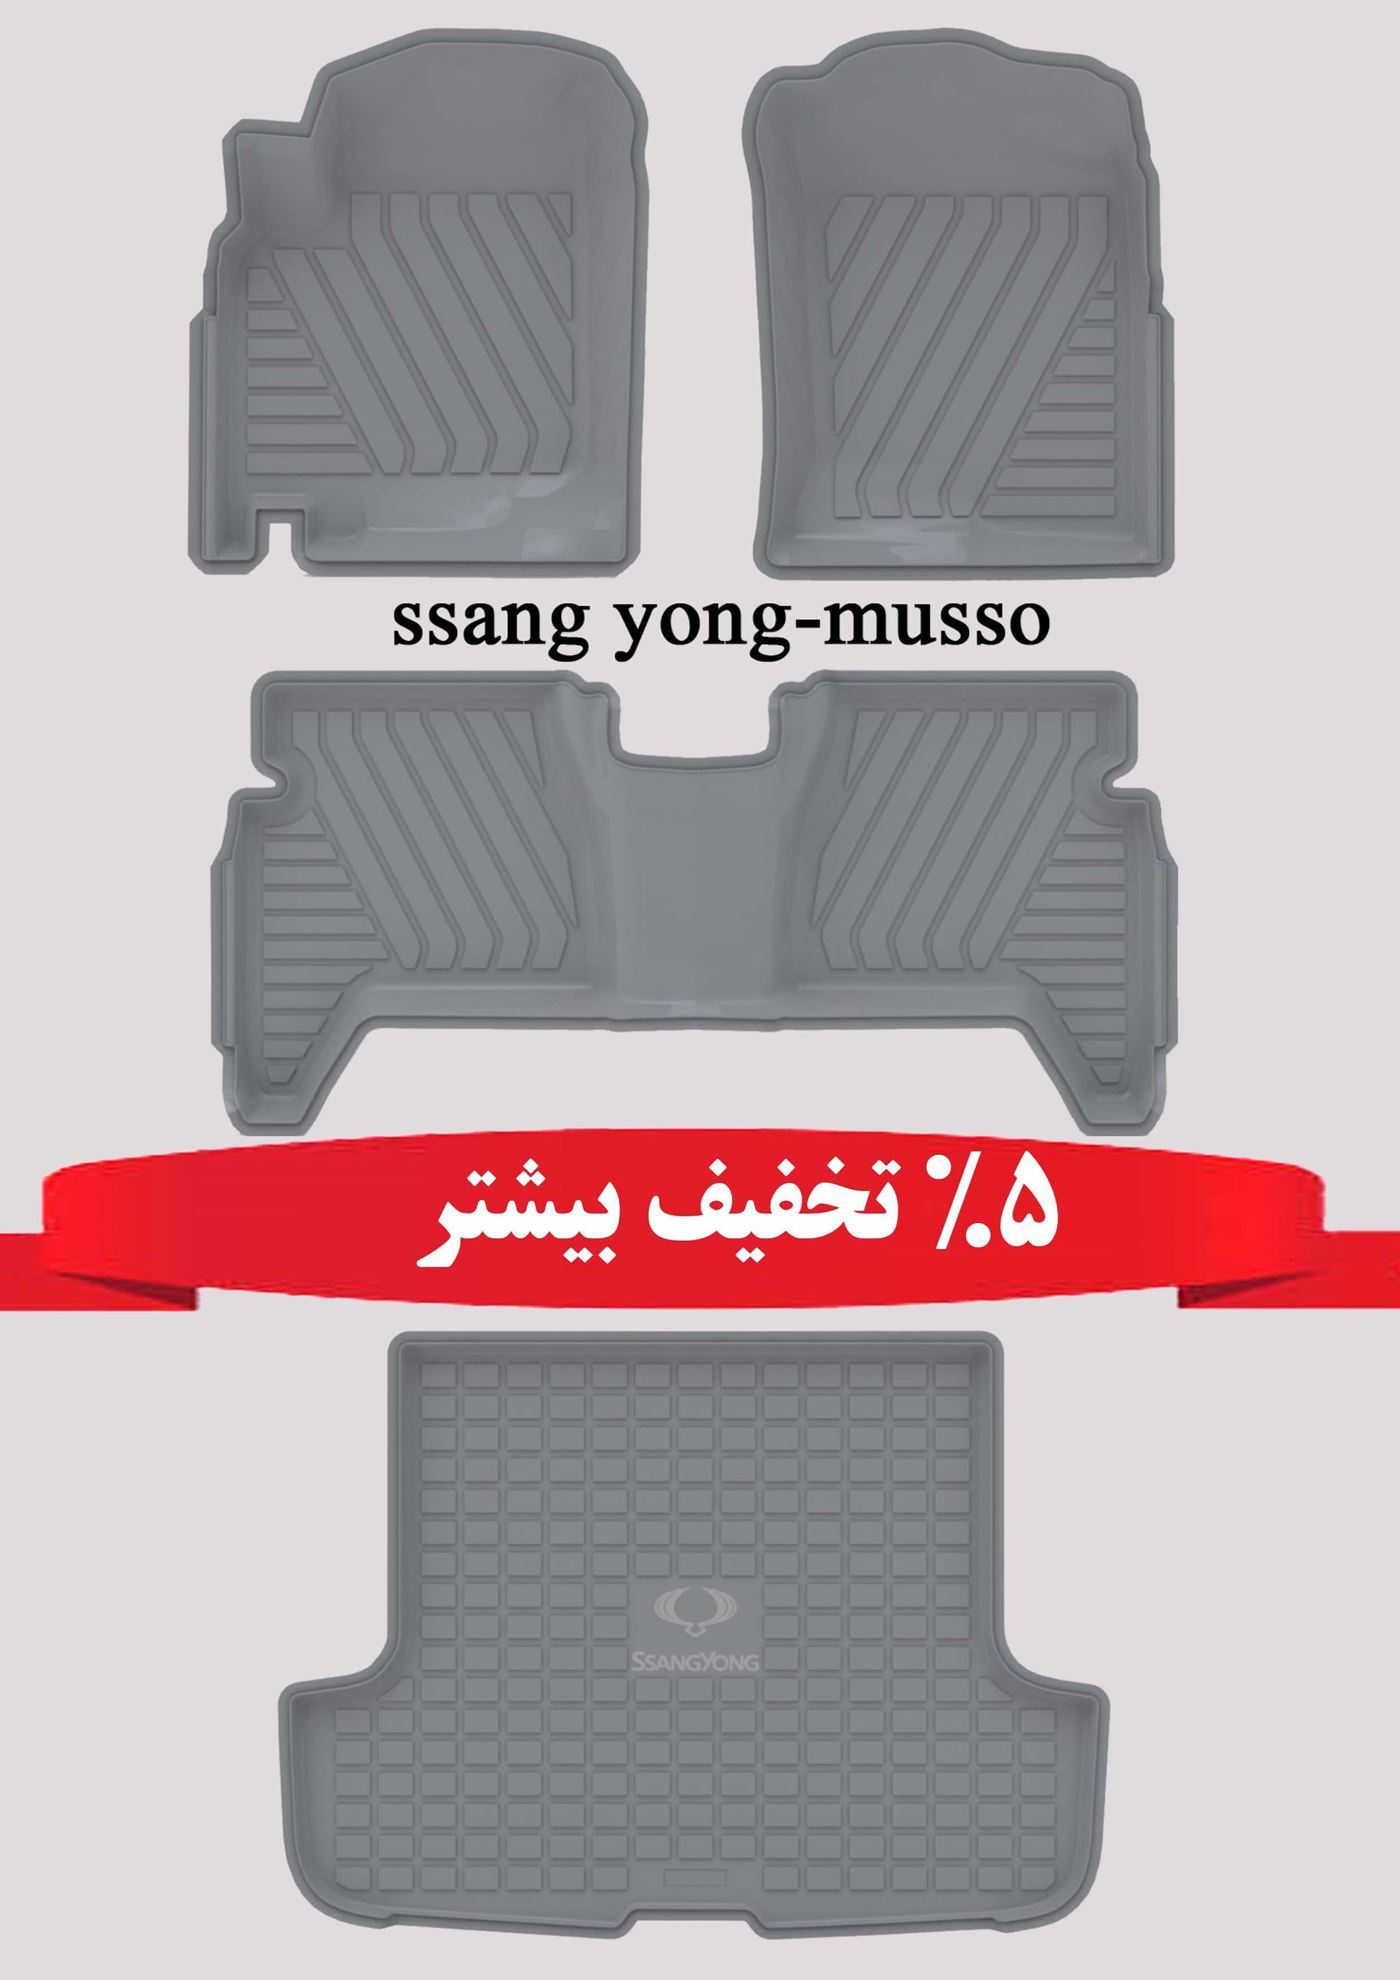 تصویر پکیج ویژه سانگ یانگ موسو